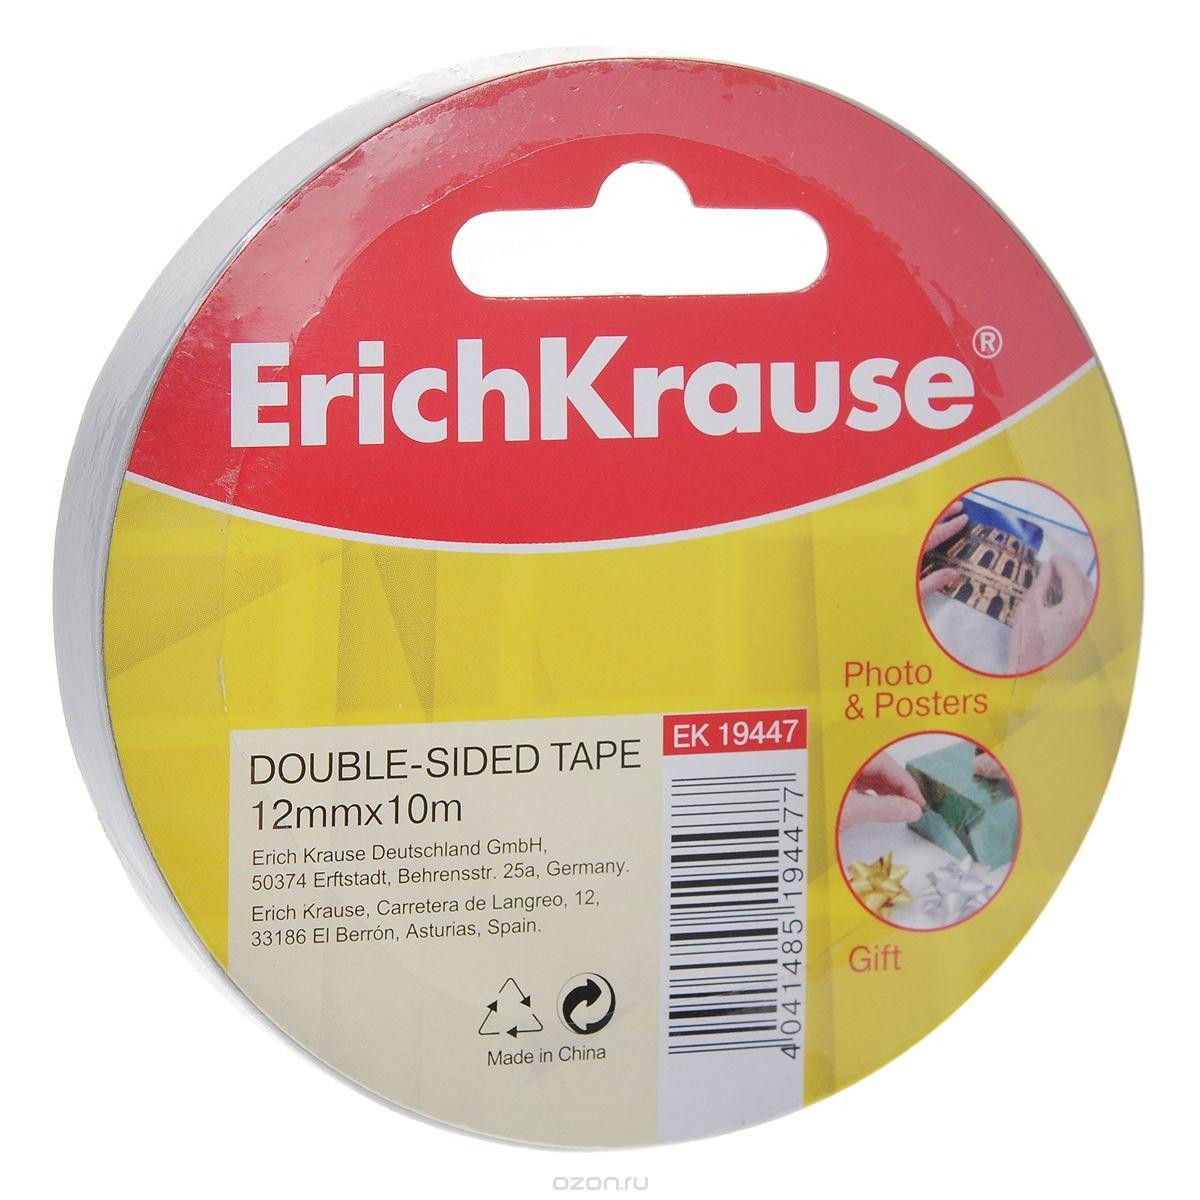 Двусторонняя клейкая лента ErichKrause Done Deal, белая (12 мм х 10 м)